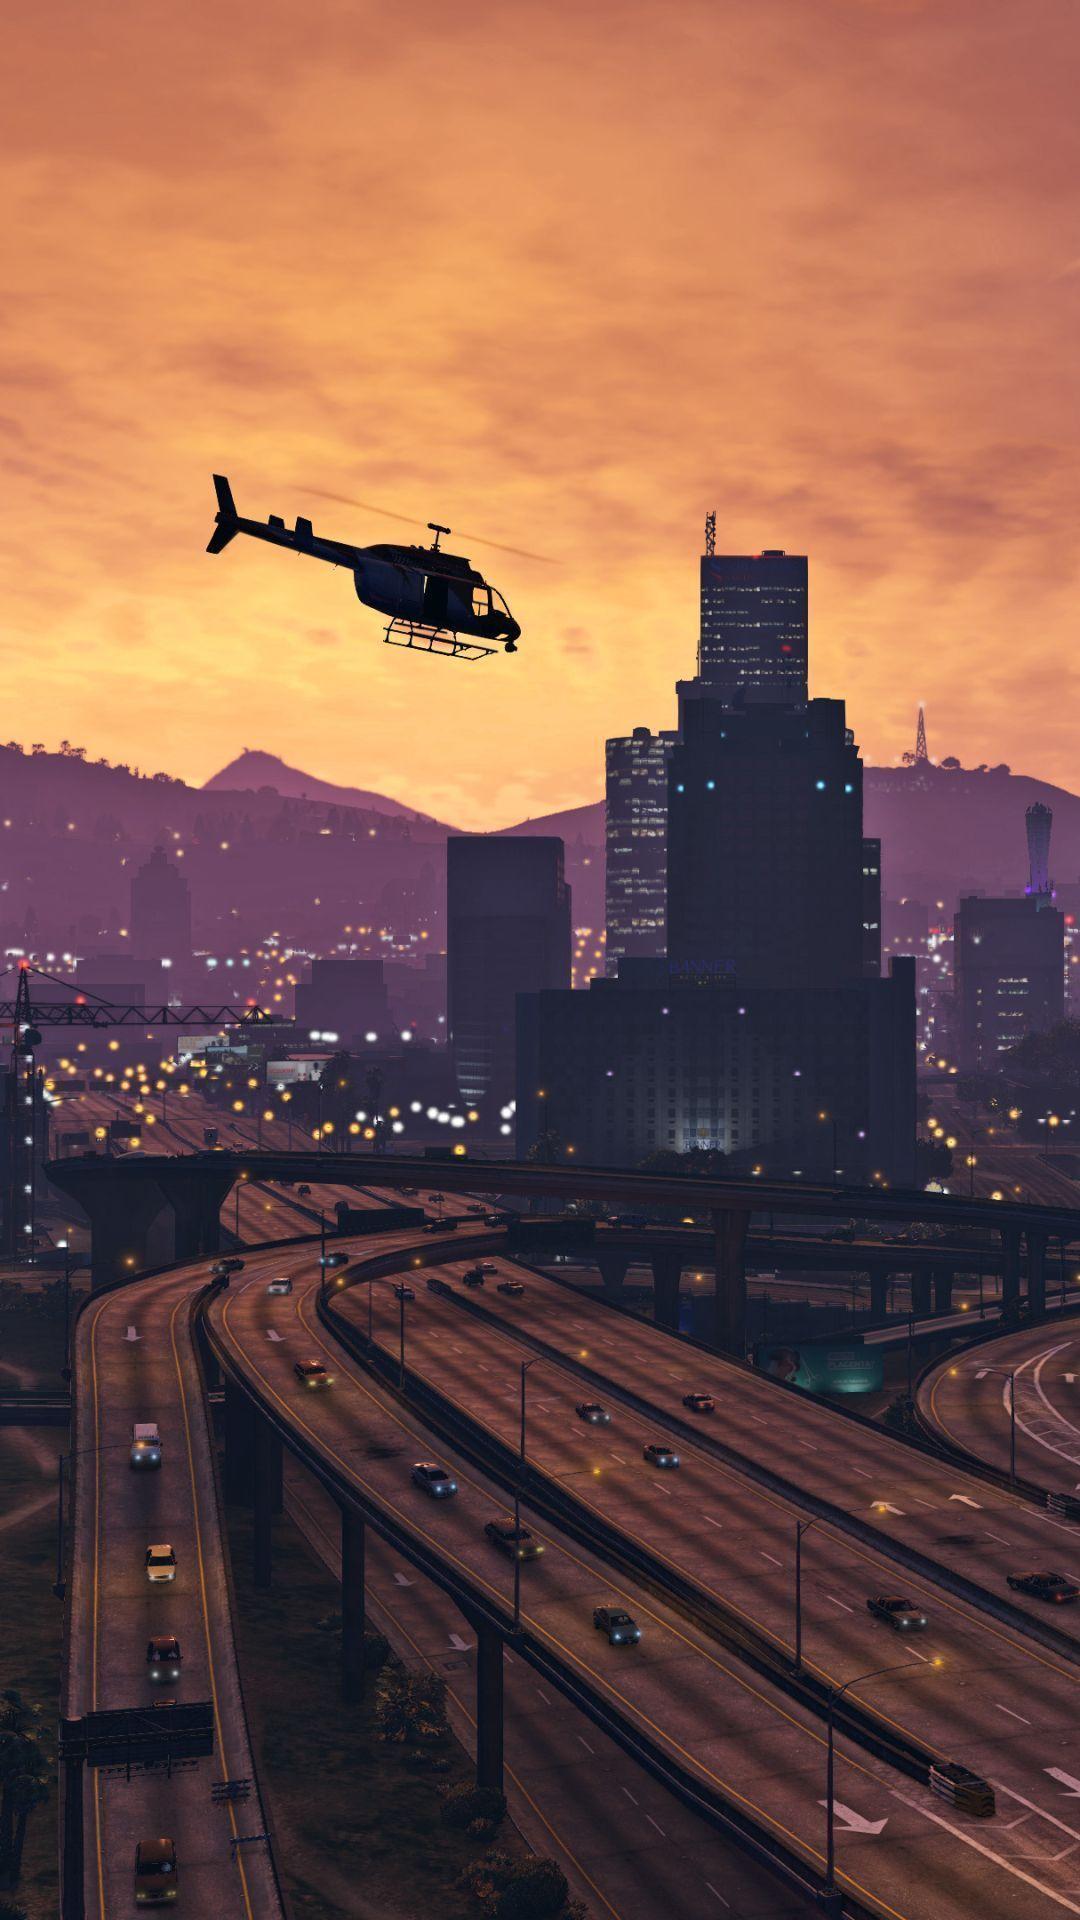 Gta 5 Wallpapers Cars Gta 5 Wallpapers In 2020 San Andreas Gta Rockstar Games Gta City Wallpaper